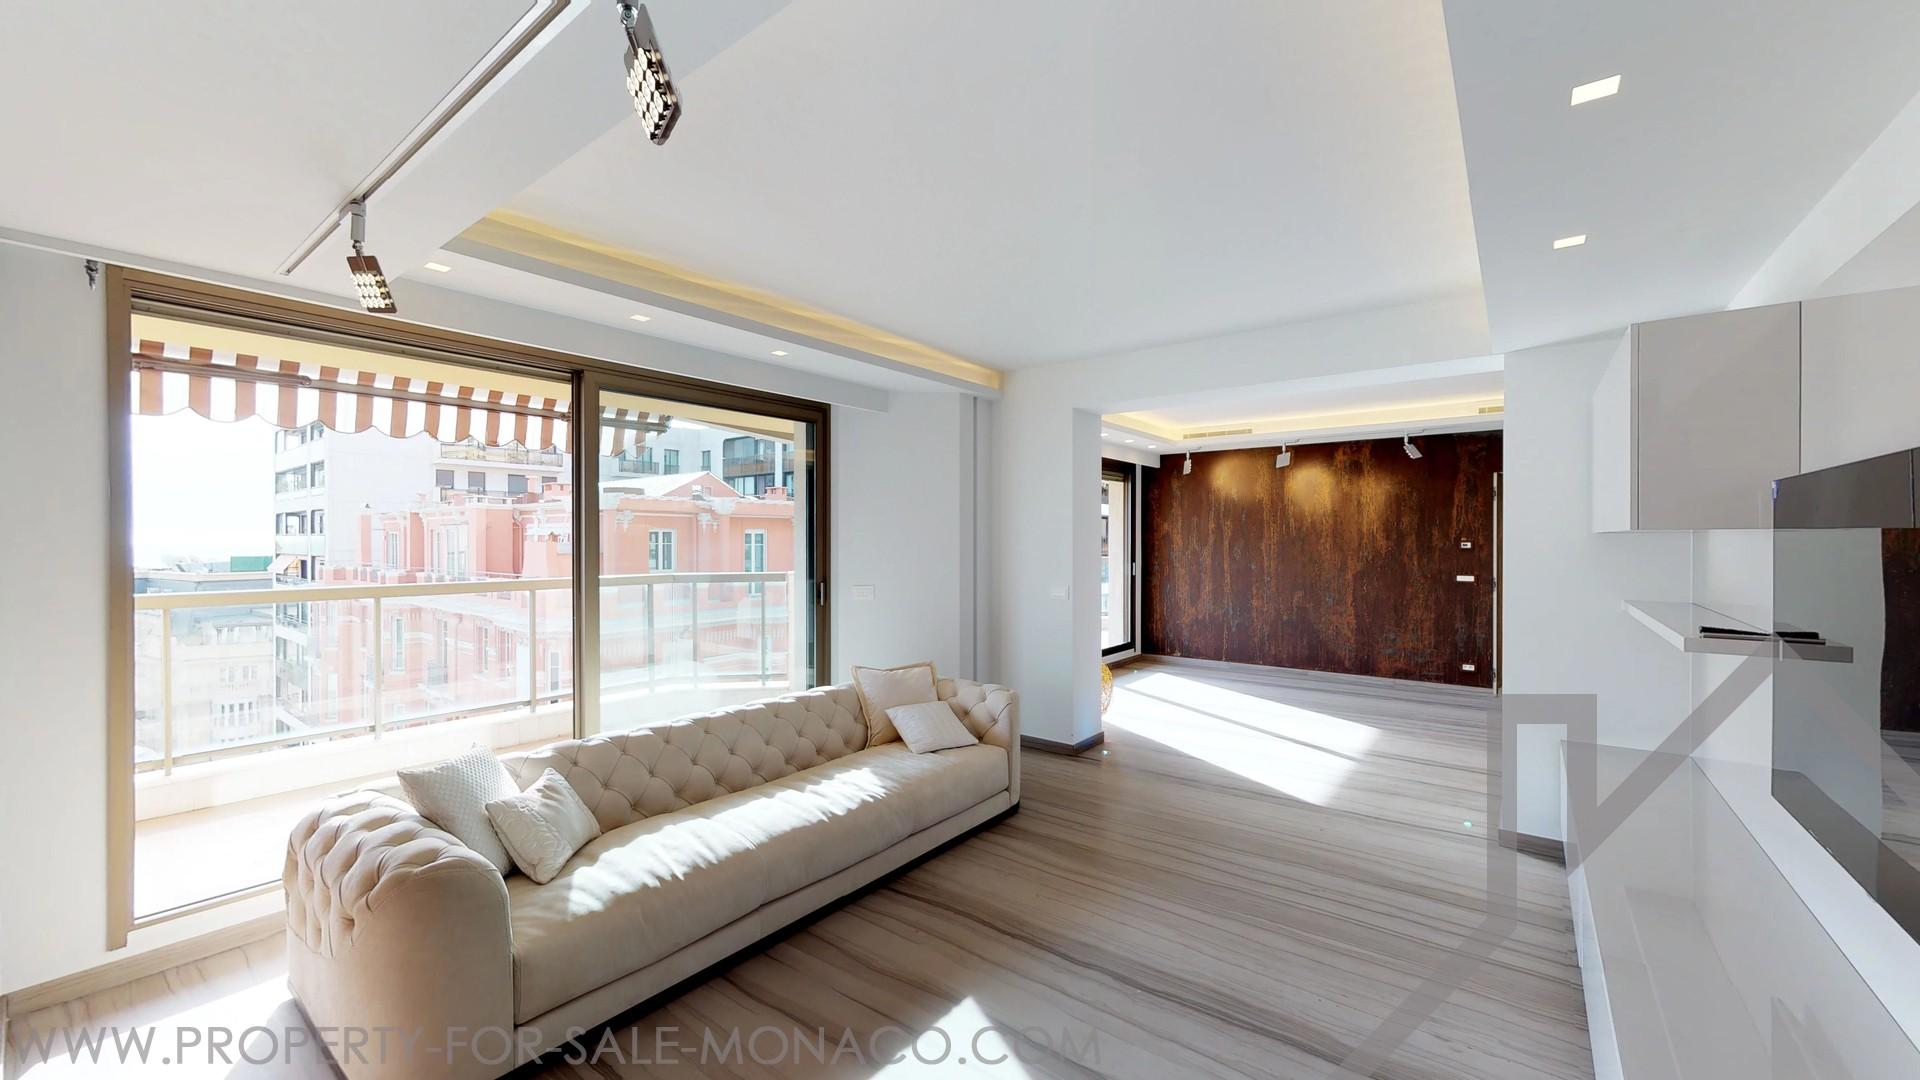 magnifique appartement meubl propri t s vendre monaco. Black Bedroom Furniture Sets. Home Design Ideas